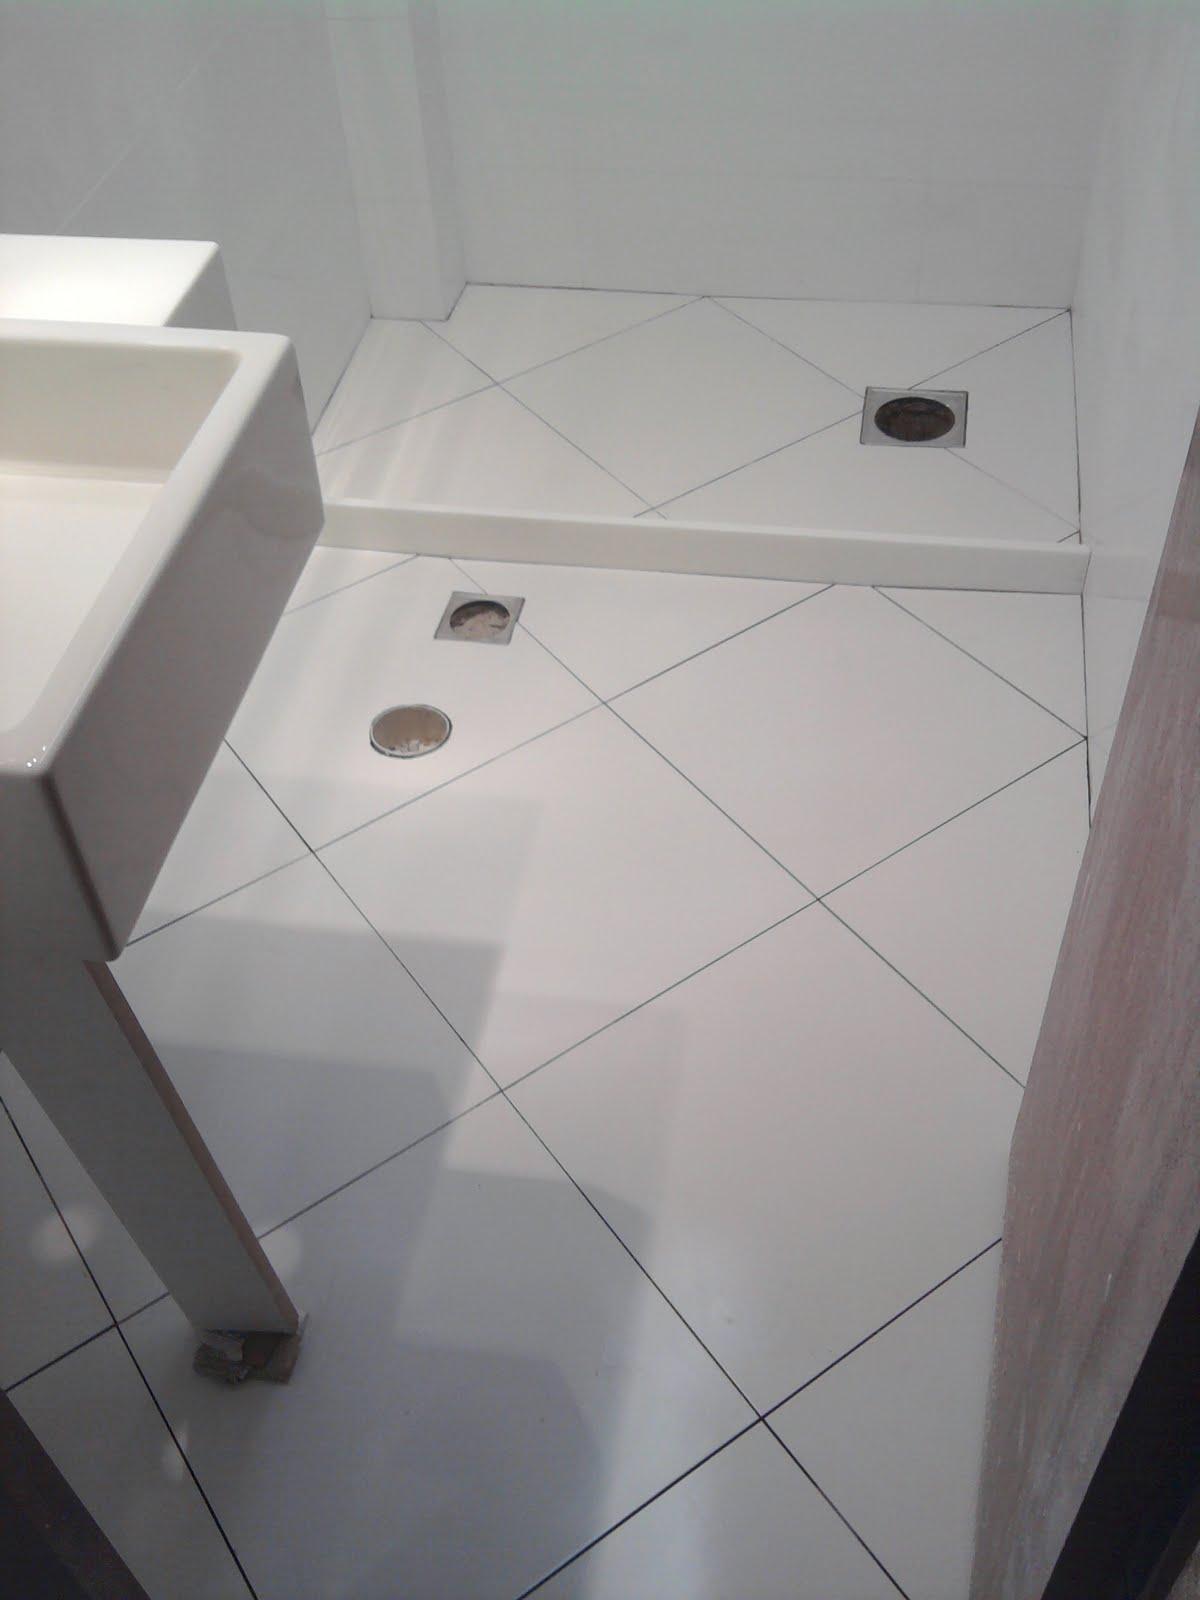 MANCHA NO PISO DO BOX DO BANHEIRO Dicas da Lucy #6C675F 1200x1600 Banheiro Com Porcelanato De Madeira No Box